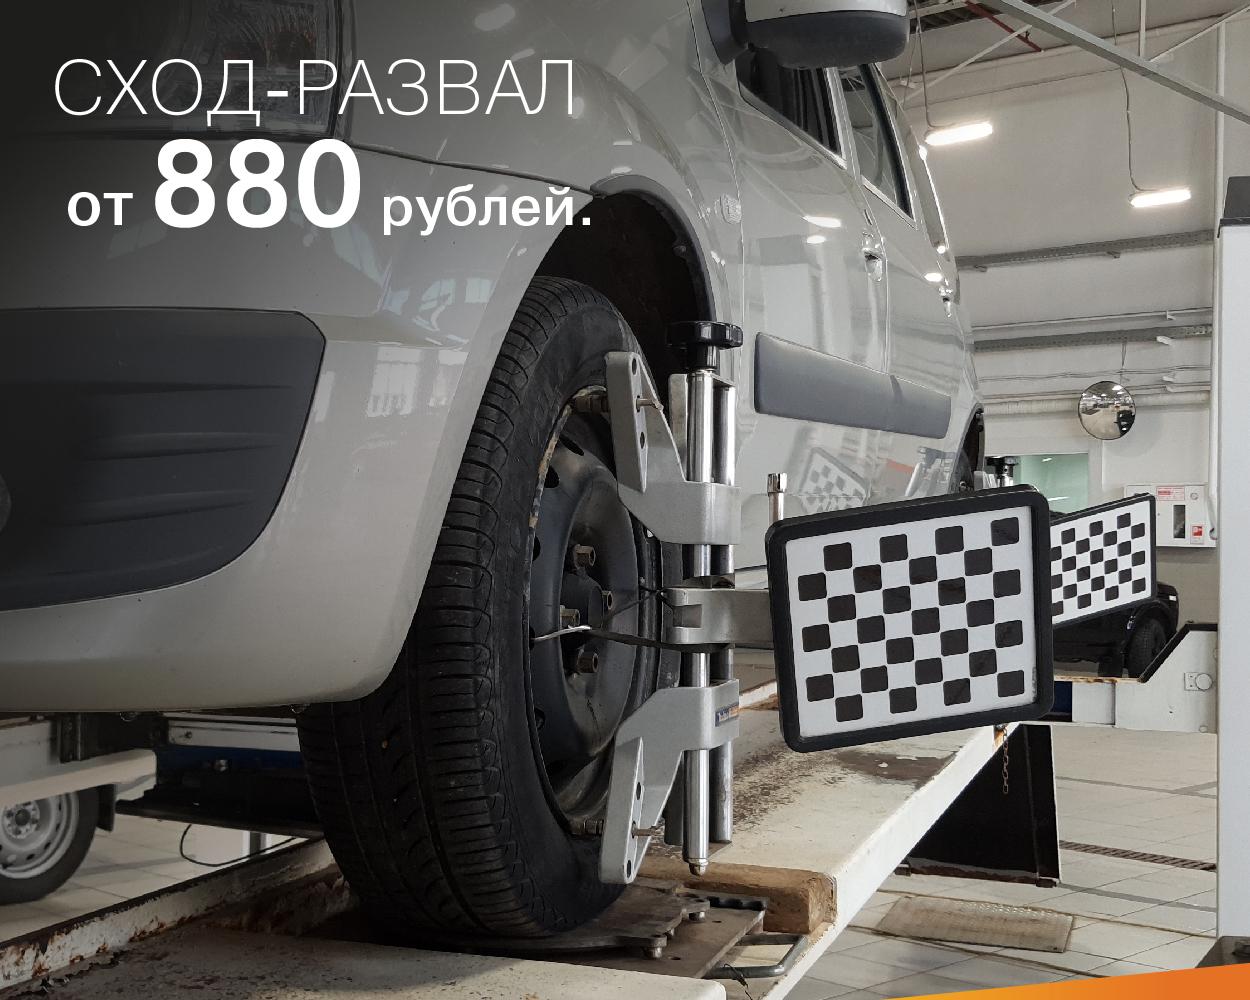 Сход-развал от 880 рублей